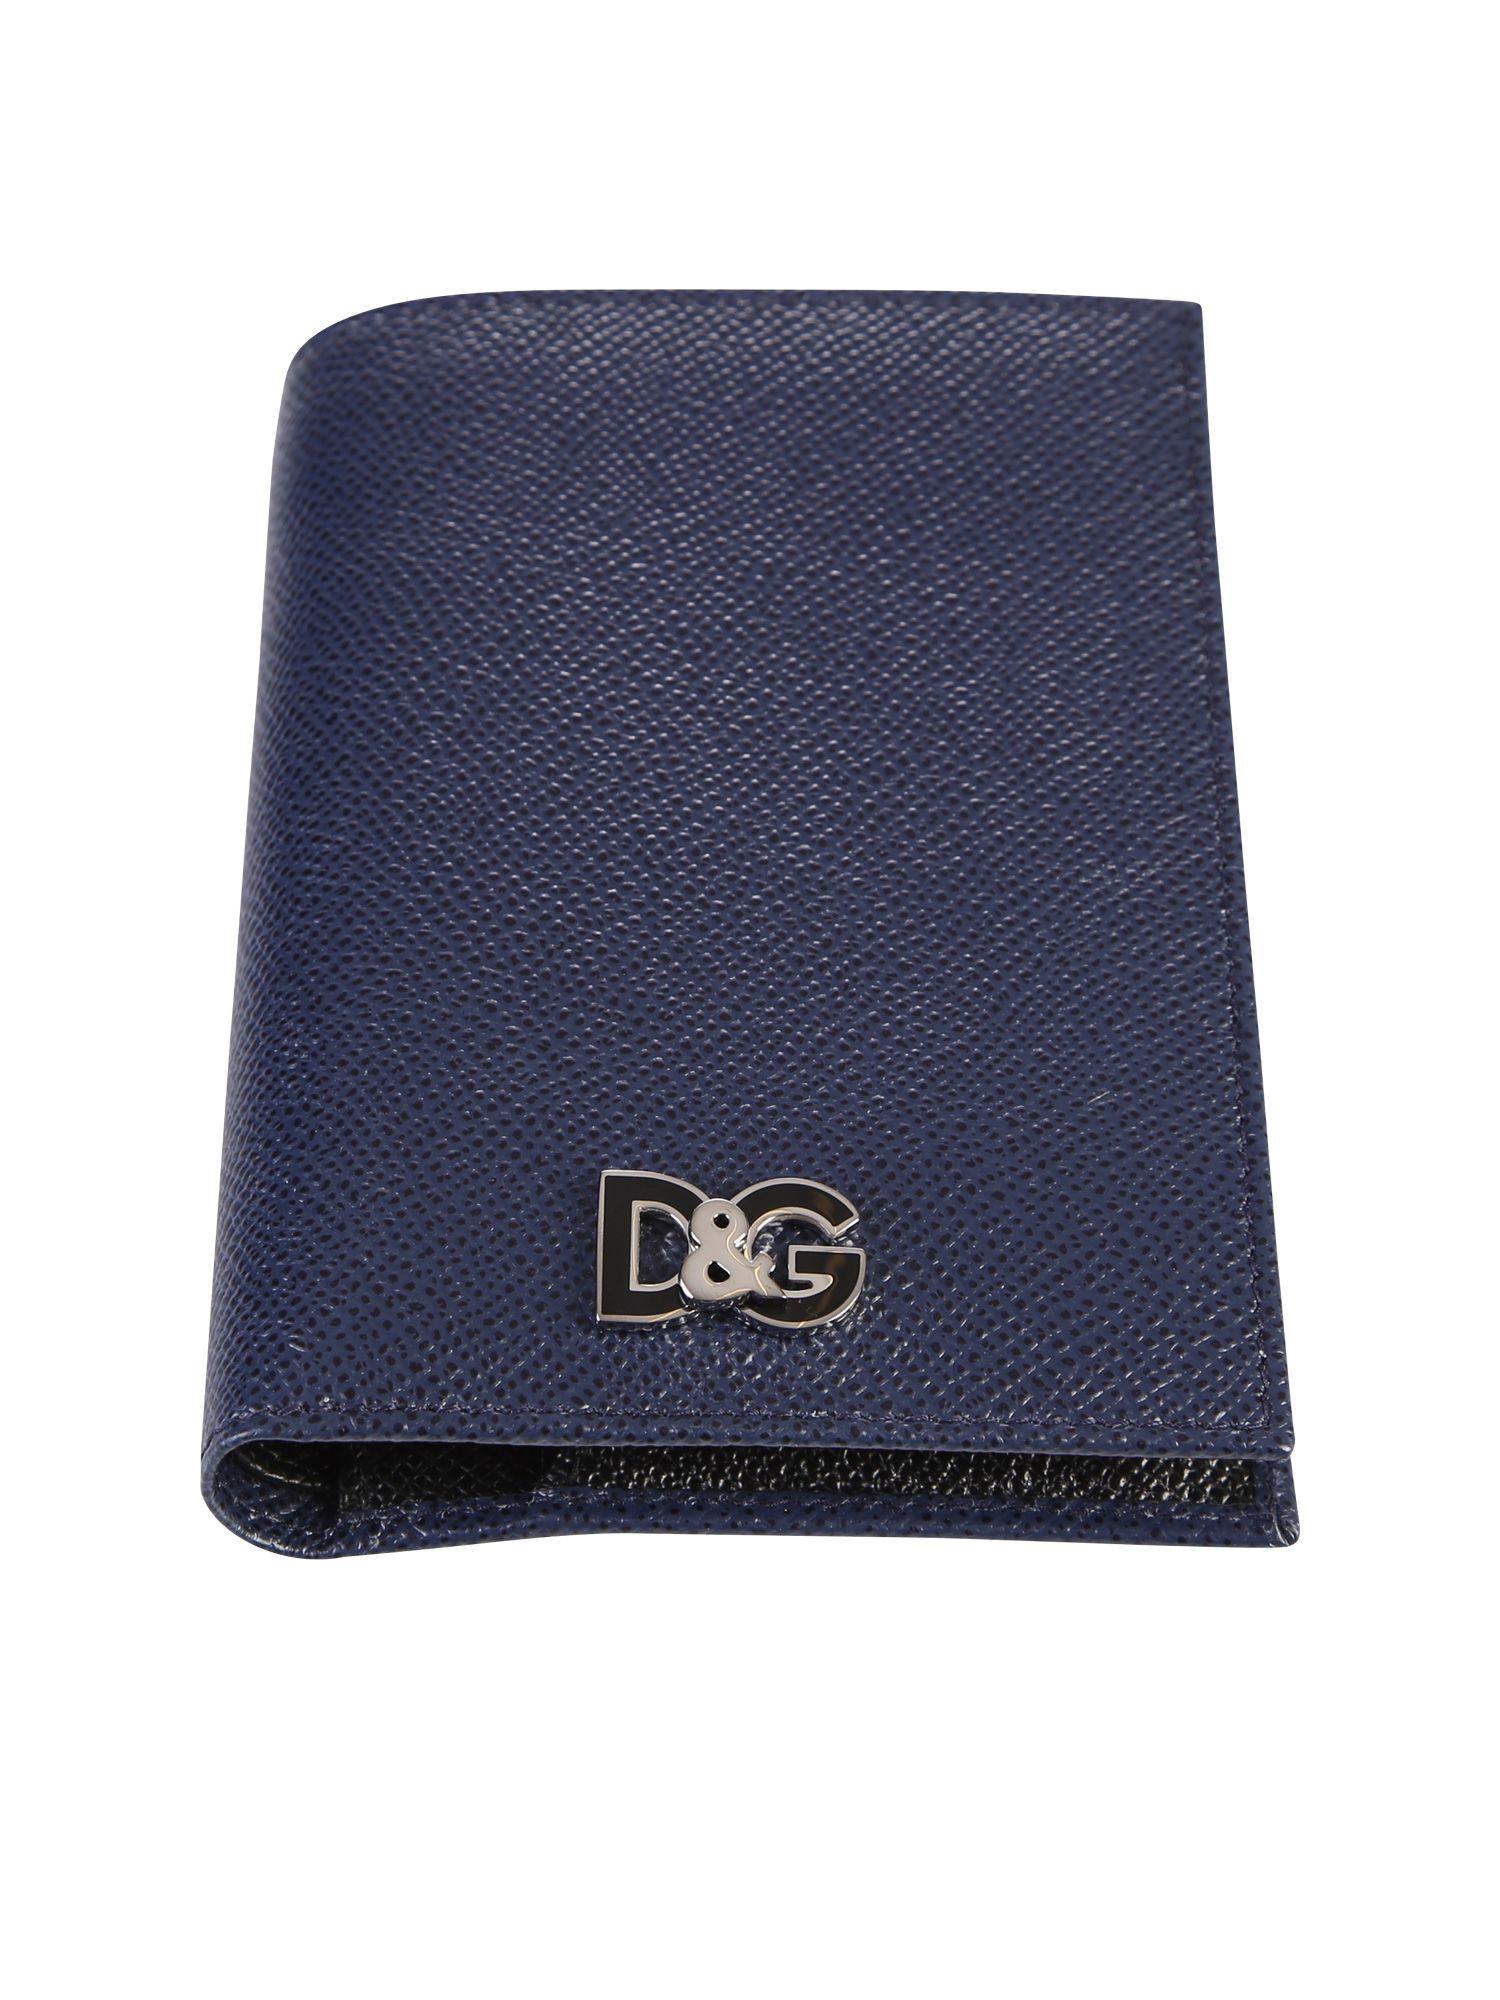 35ce5766 Dolce & Gabbana Dolce & Gabbana Dark Blue Logo Wallet - Blue ...